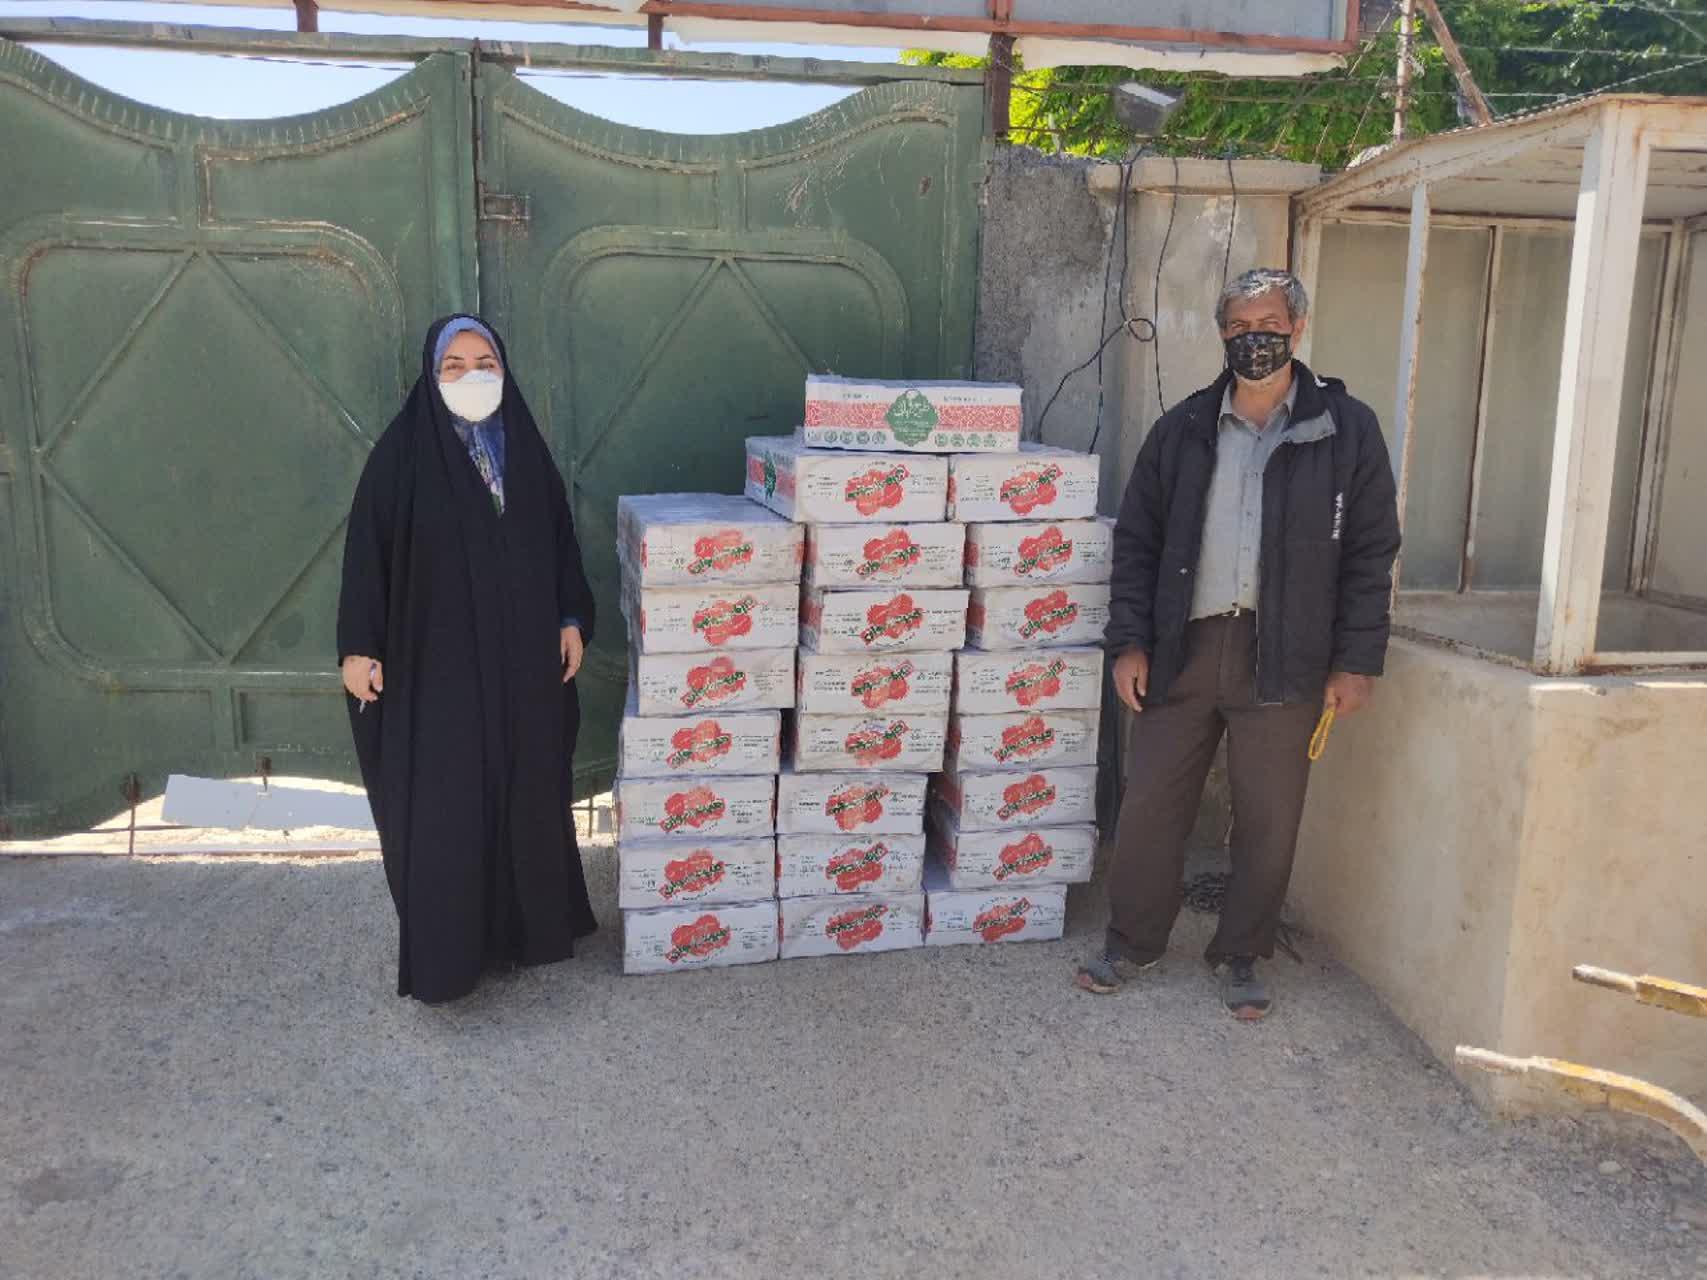 توزيع 200 بسته معيشتي در بین نیازمندان شوقانی